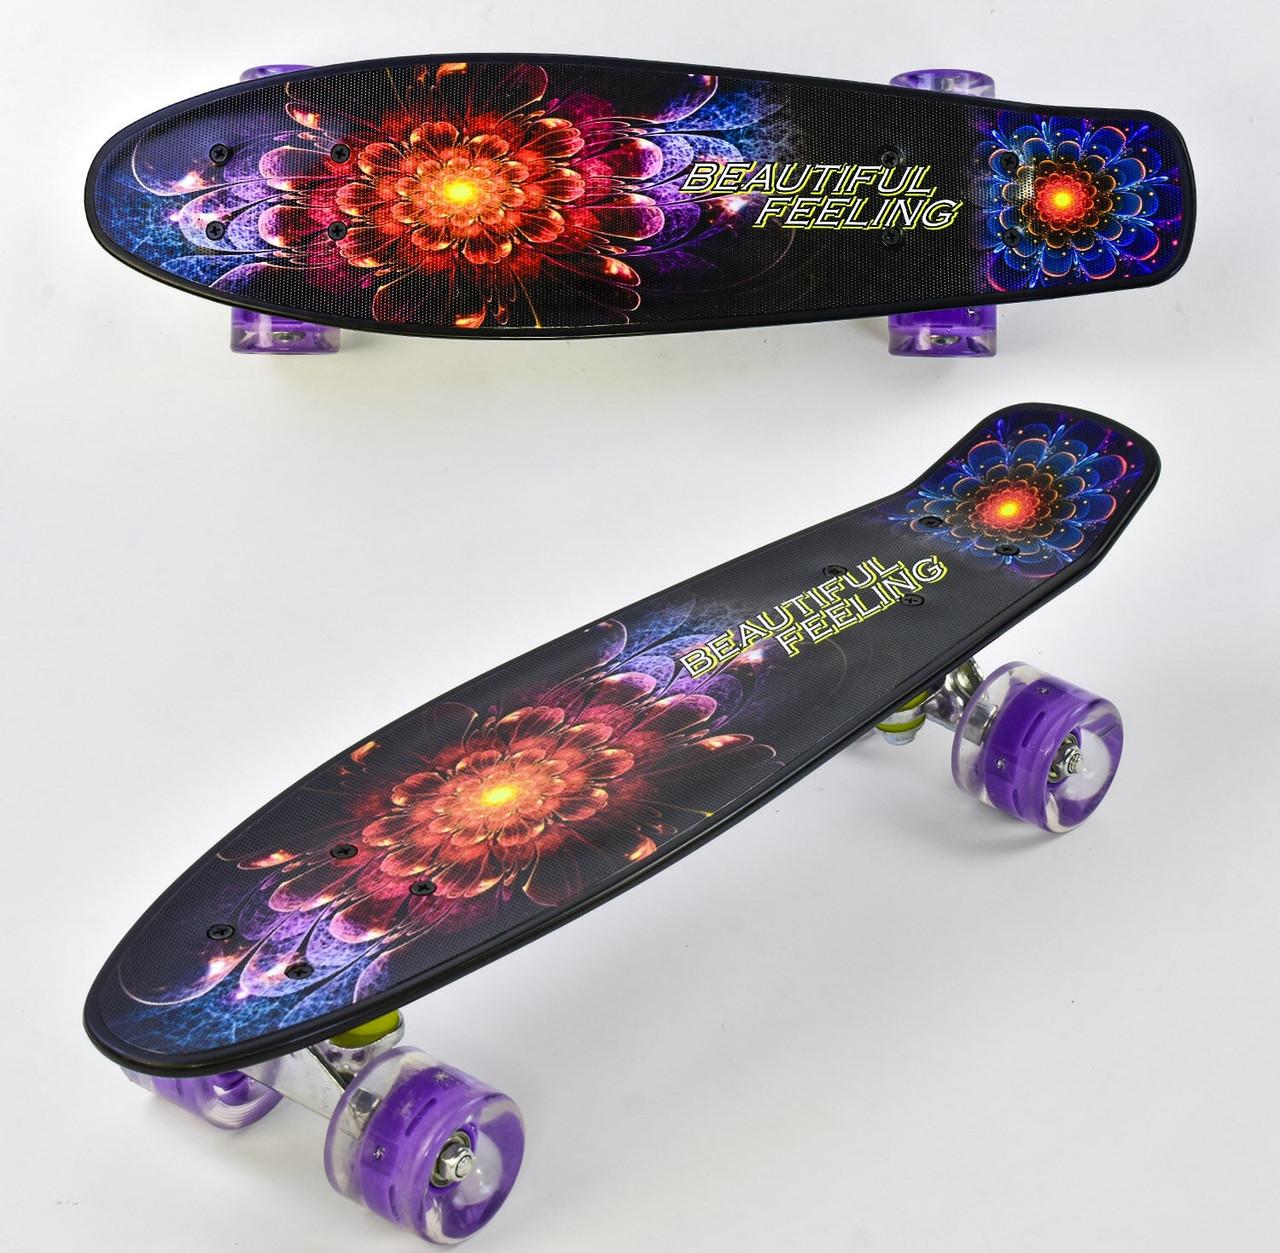 Детский скейт пенниборд с рисунком и светящимися бесшумными колёсами, Best Board F 8740